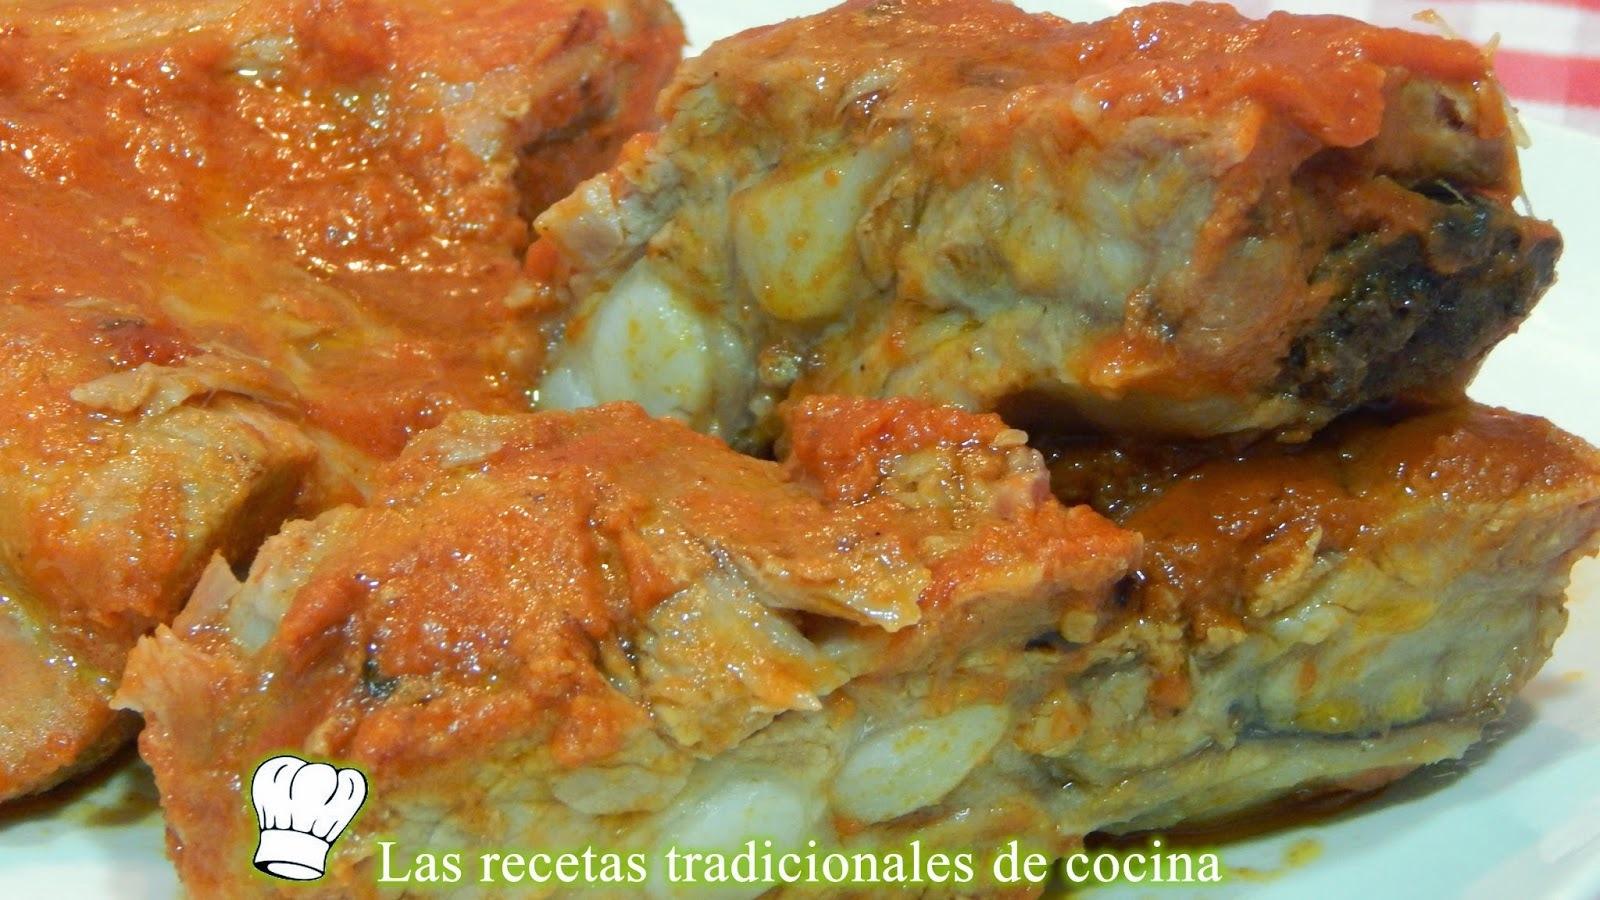 Receta de costillas al horno con salsa barbacoa